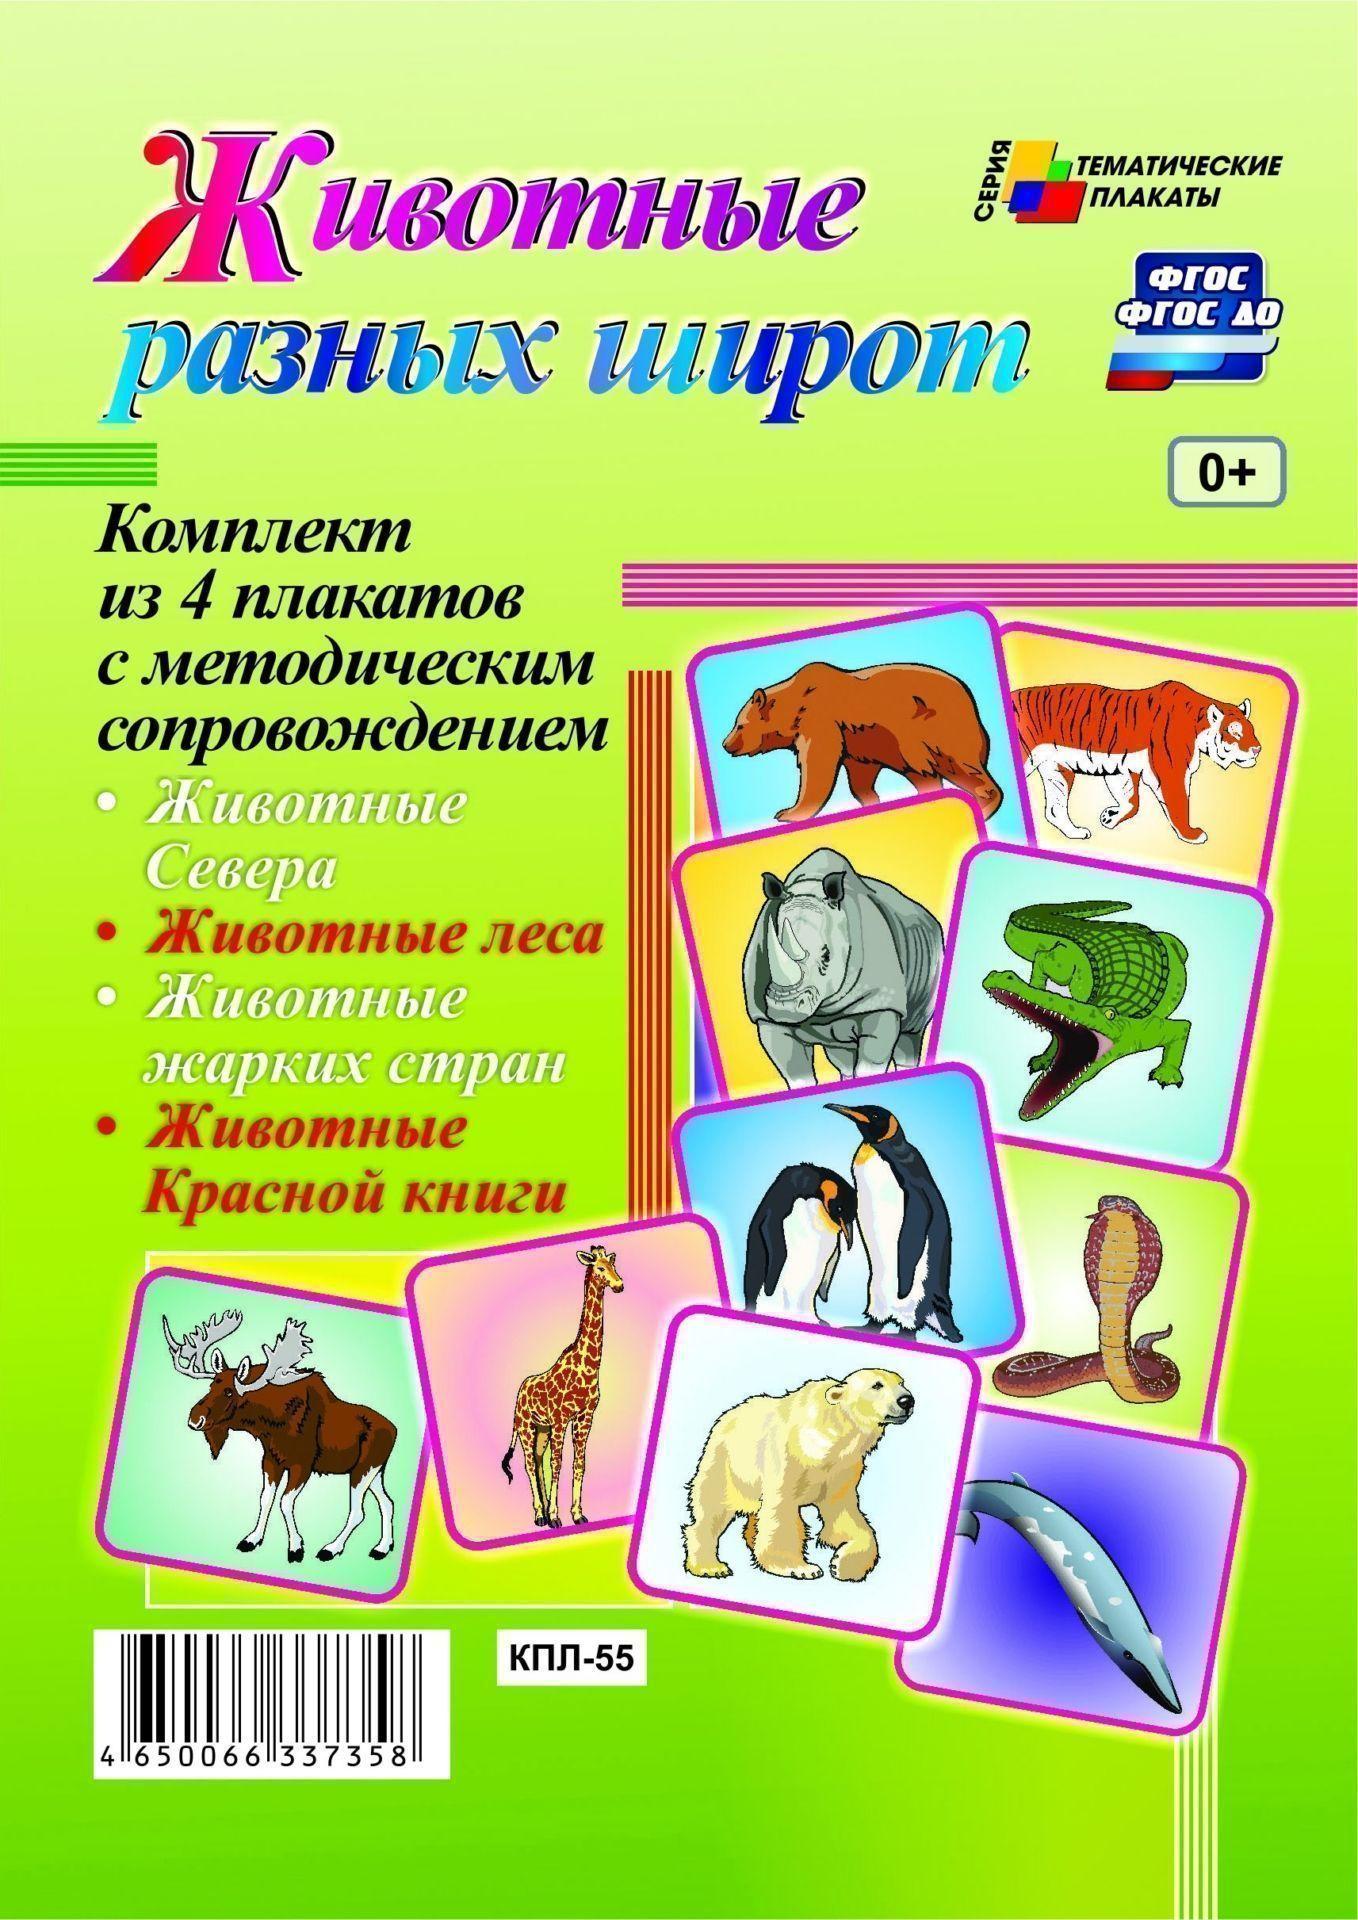 Комплект плакатов Животные разных широт: 4 плаката с методическим сопровождениемТематические плакаты<br>.<br><br>Год: 2017<br>Серия: Тематические плакаты<br>Высота: 297<br>Ширина: 420